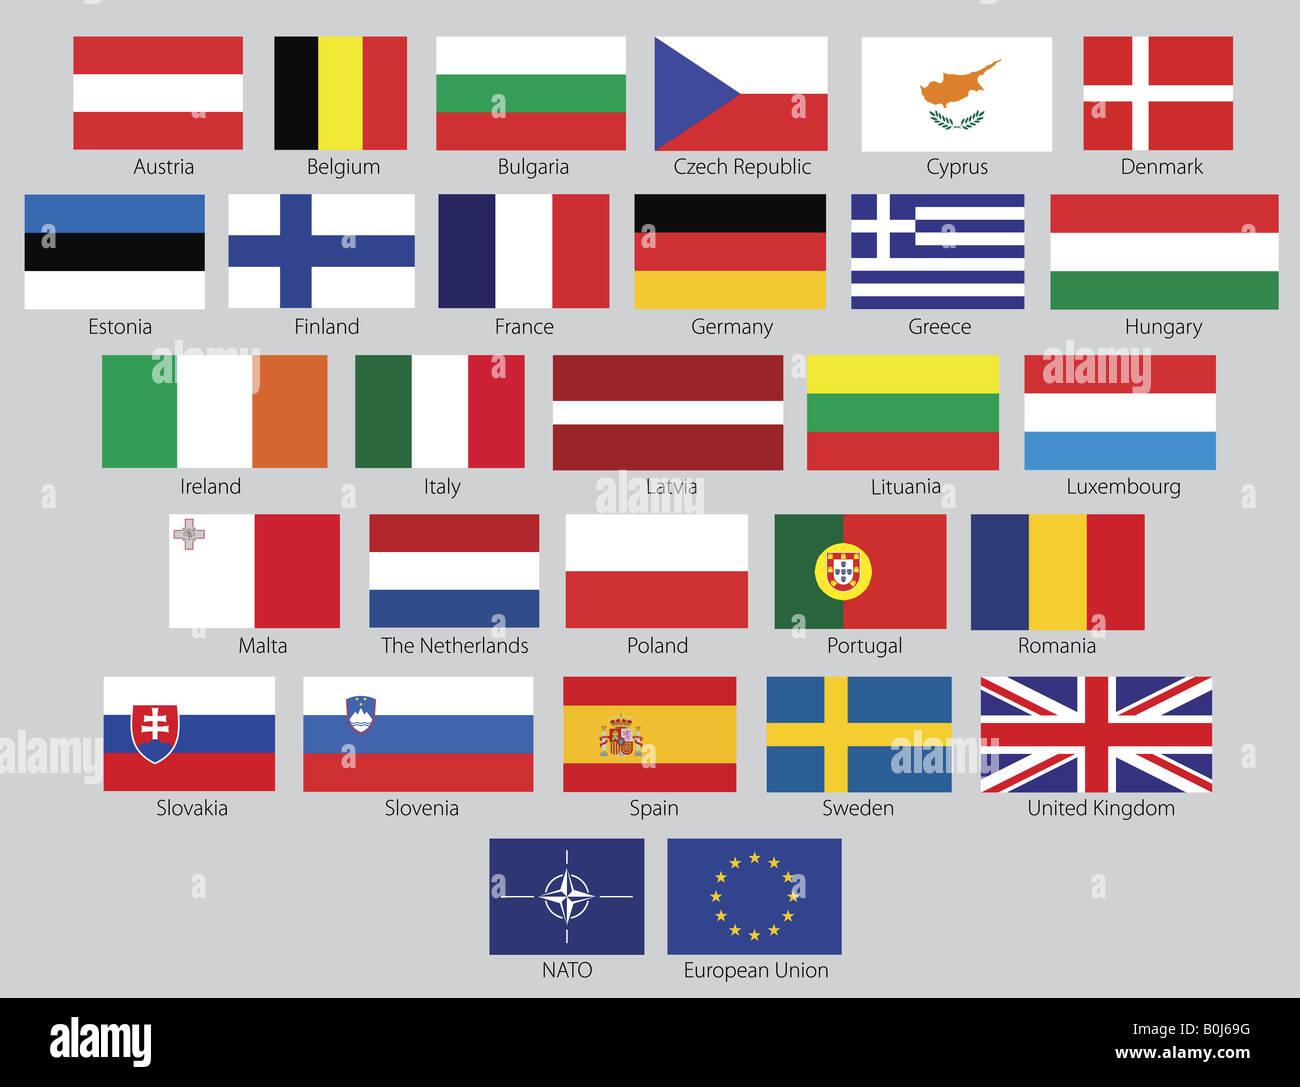 27 Eu Flags Plus Nato And Eu Symbol Stock Photo 17610476 Alamy